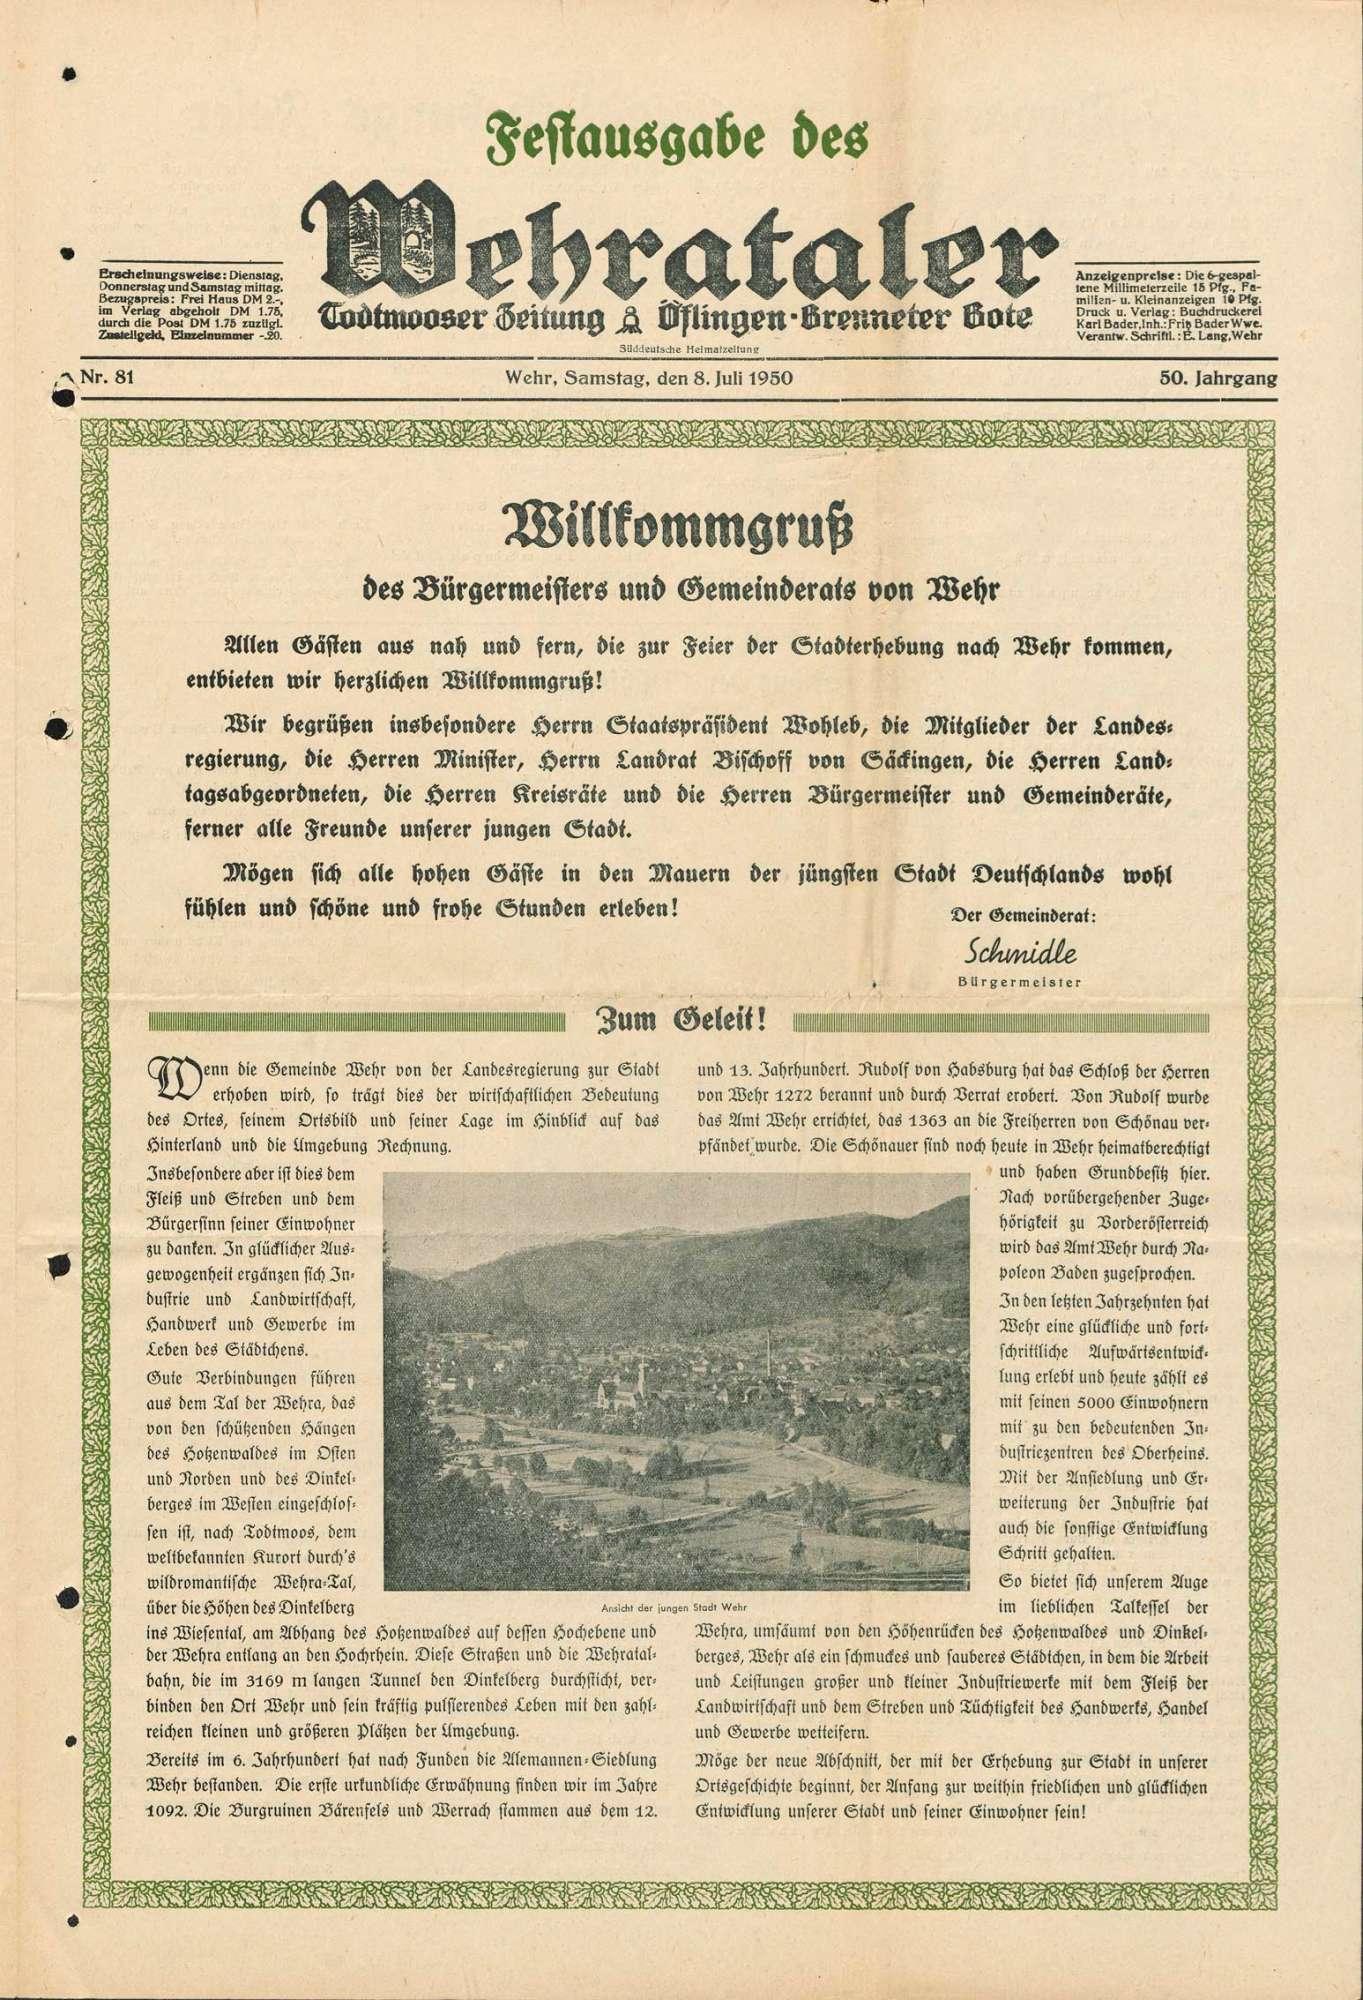 Verleihung der Bezeichnung Stadt an die Gemeinde Wehr, Bild 2